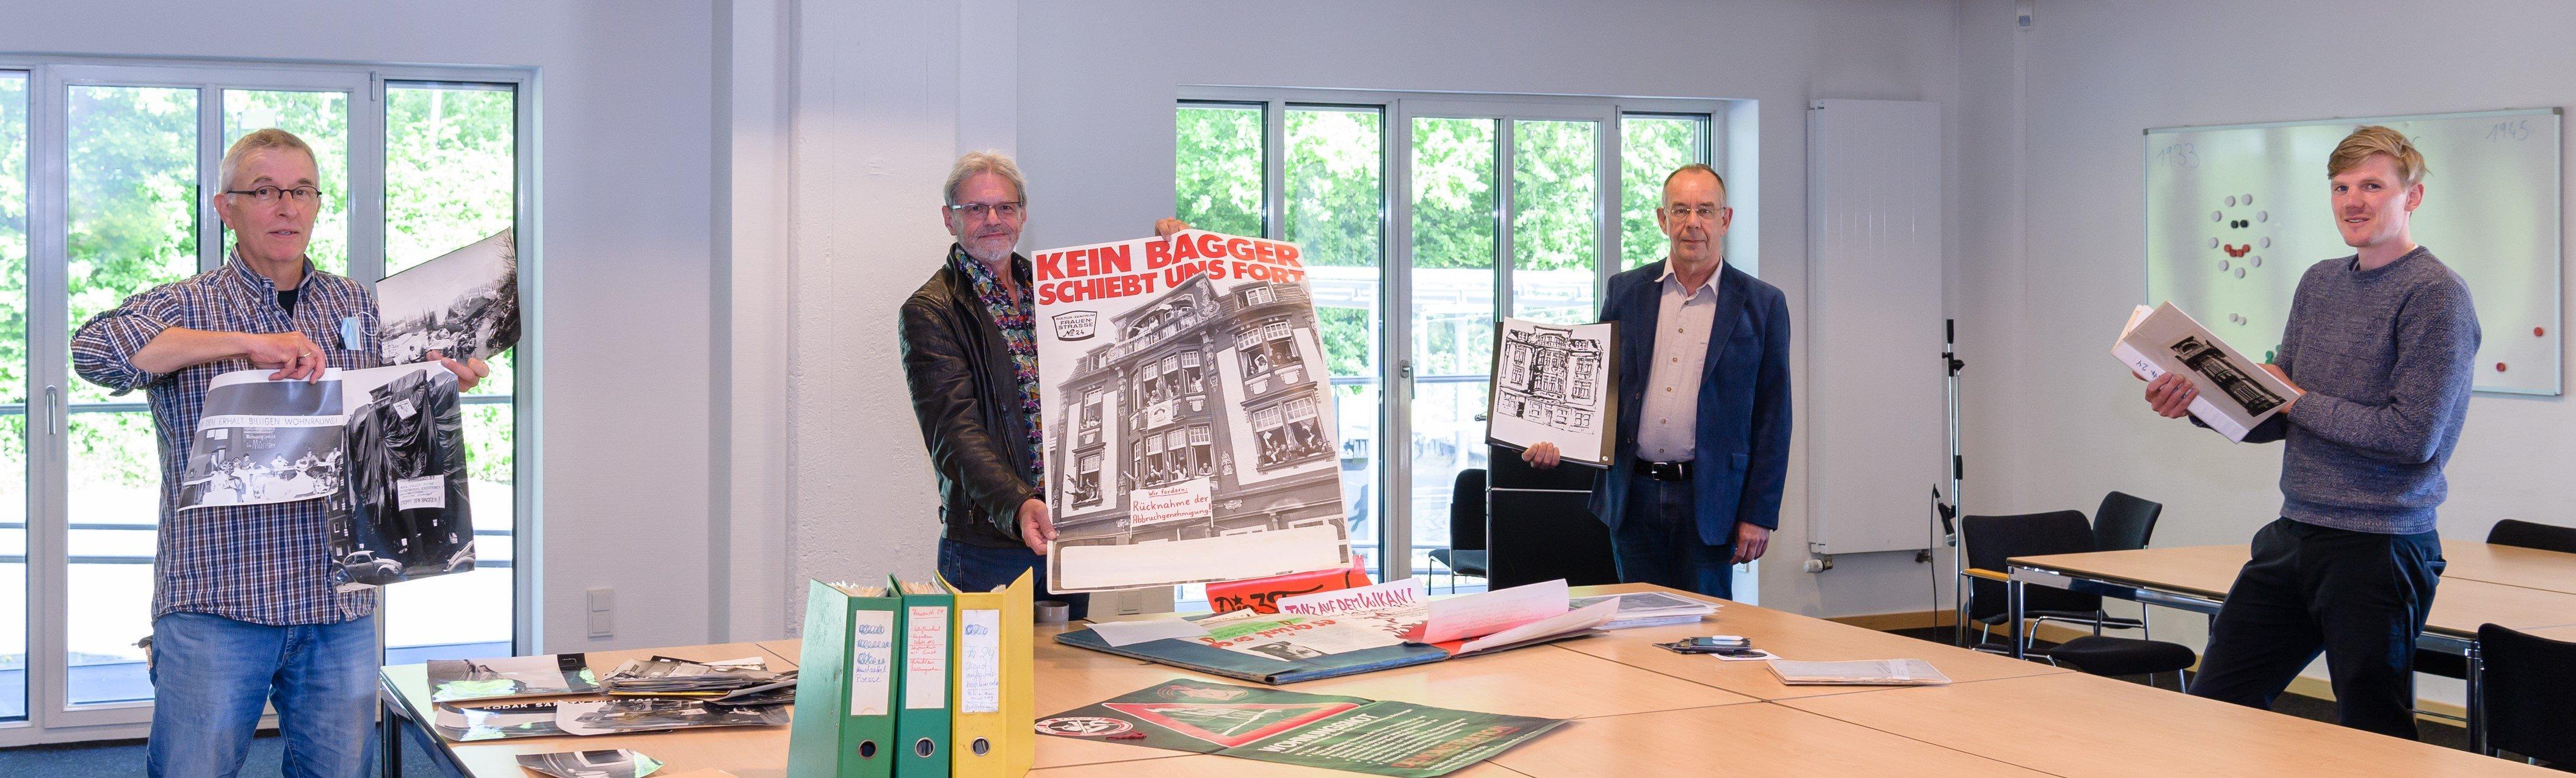 Vom Protest zum Archivgut (v.l.): Joachim Kämper, Bernd Uppena (ehemalige Haussprecher) und Dr. Joachim Hetscher (Kulturverein Frauenstraße) übergeben dem Stadtarchiv mit Dr. Philipp Erdmann einen umfangreichen Nachlass.  Foto: Presseamt Münster.